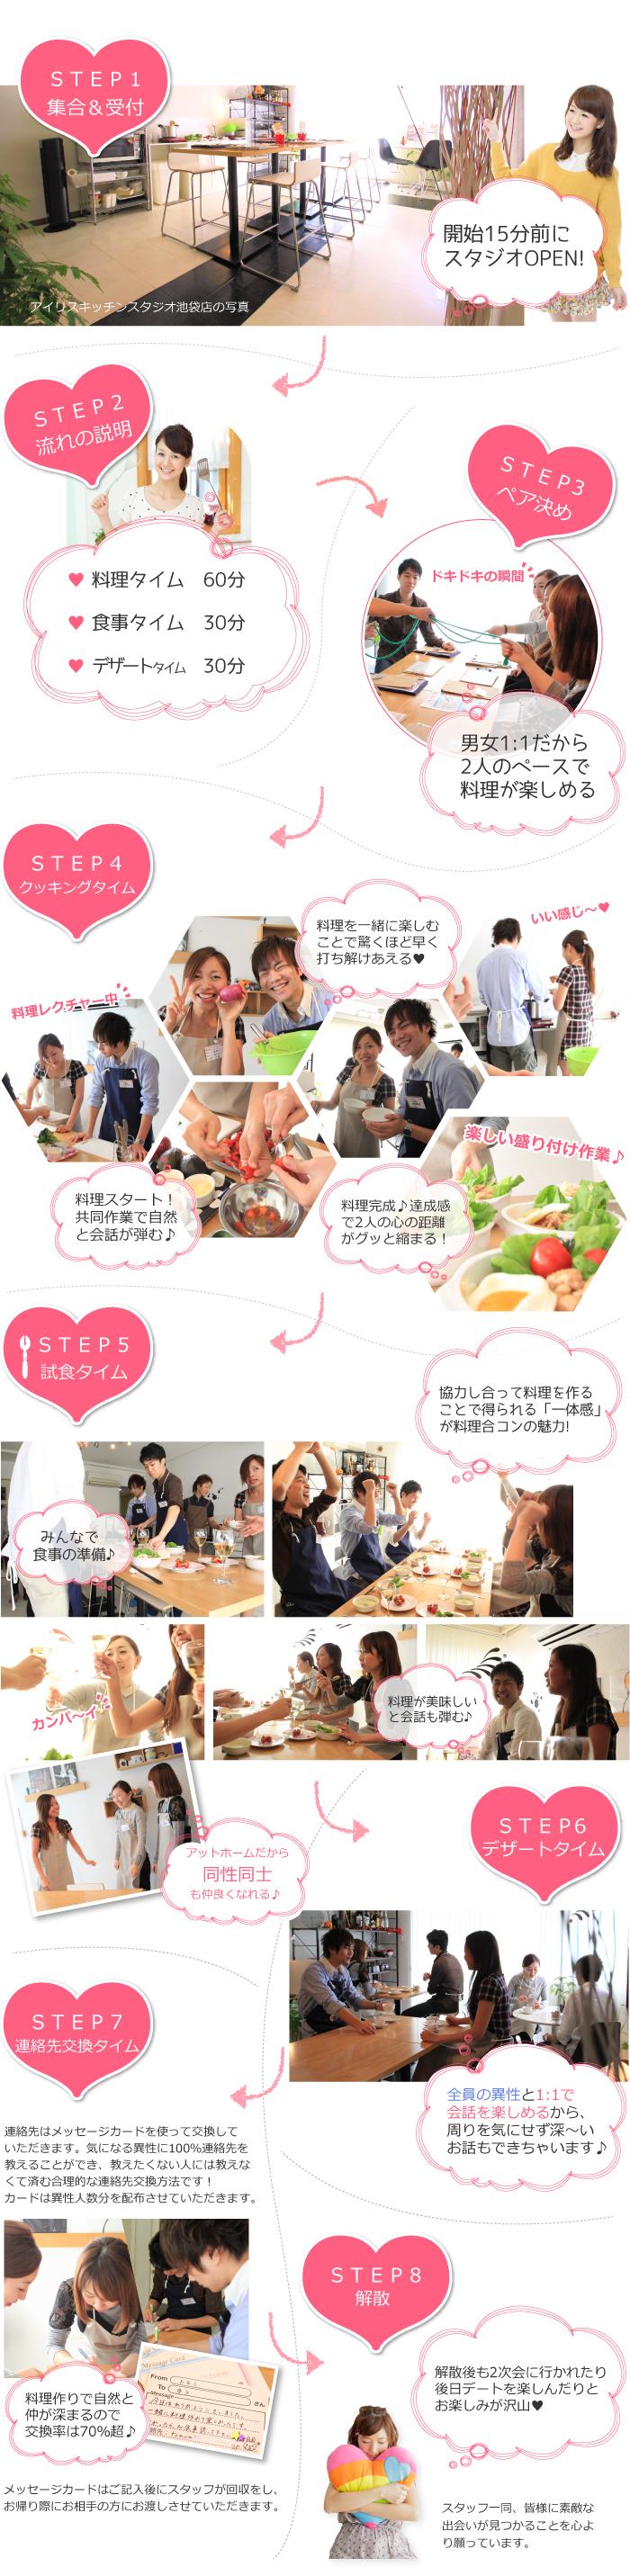 料理合コンパーティーの流れ STEP1からSTEP8まで料理合コンの流れを写真付きで解説します